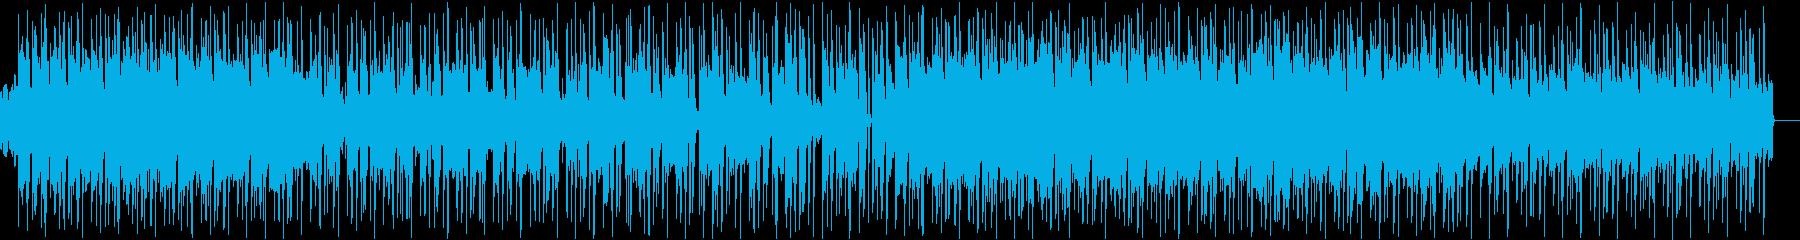 シティーポップ/おしゃれ/かわいい/OPの再生済みの波形